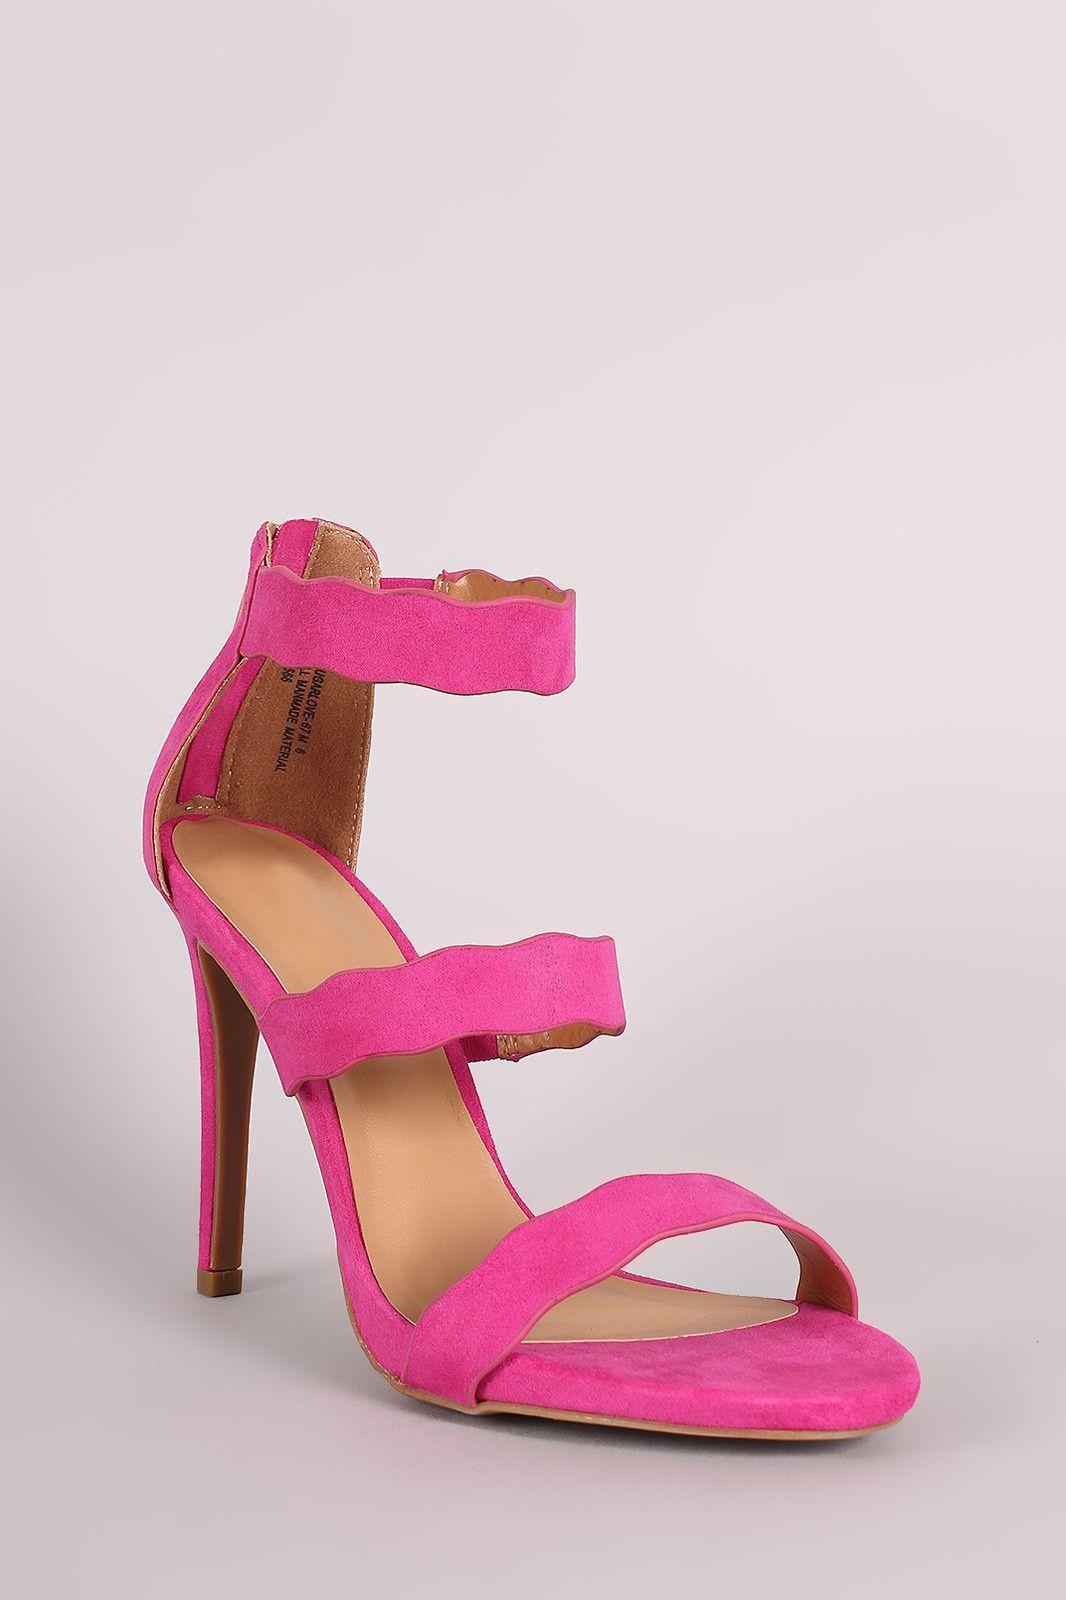 3b7ab963f59e70 Suede Triple Scalloped Straps Stiletto Heel